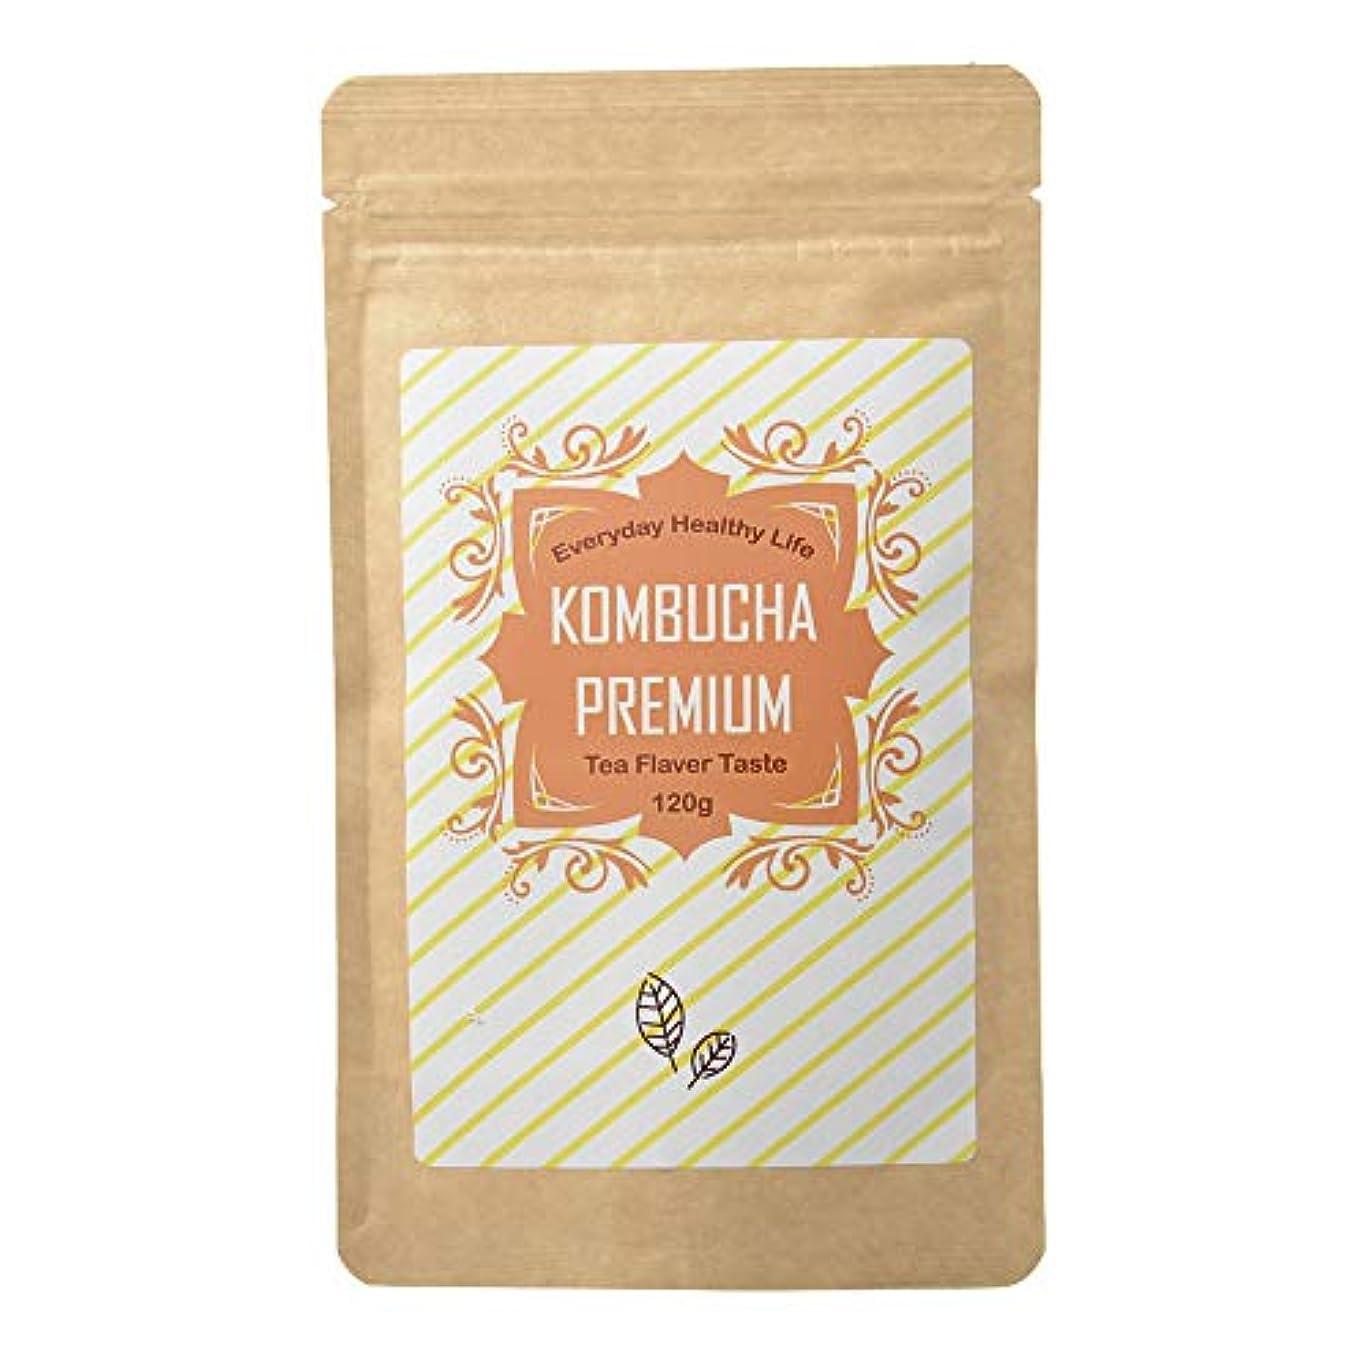 ファウル地図旅行コンブチャプレミアム (KOMBUCHA PREMIUM) ストレートティー味 日本製 粉末 飲料 [内容量120g /説明書付き]